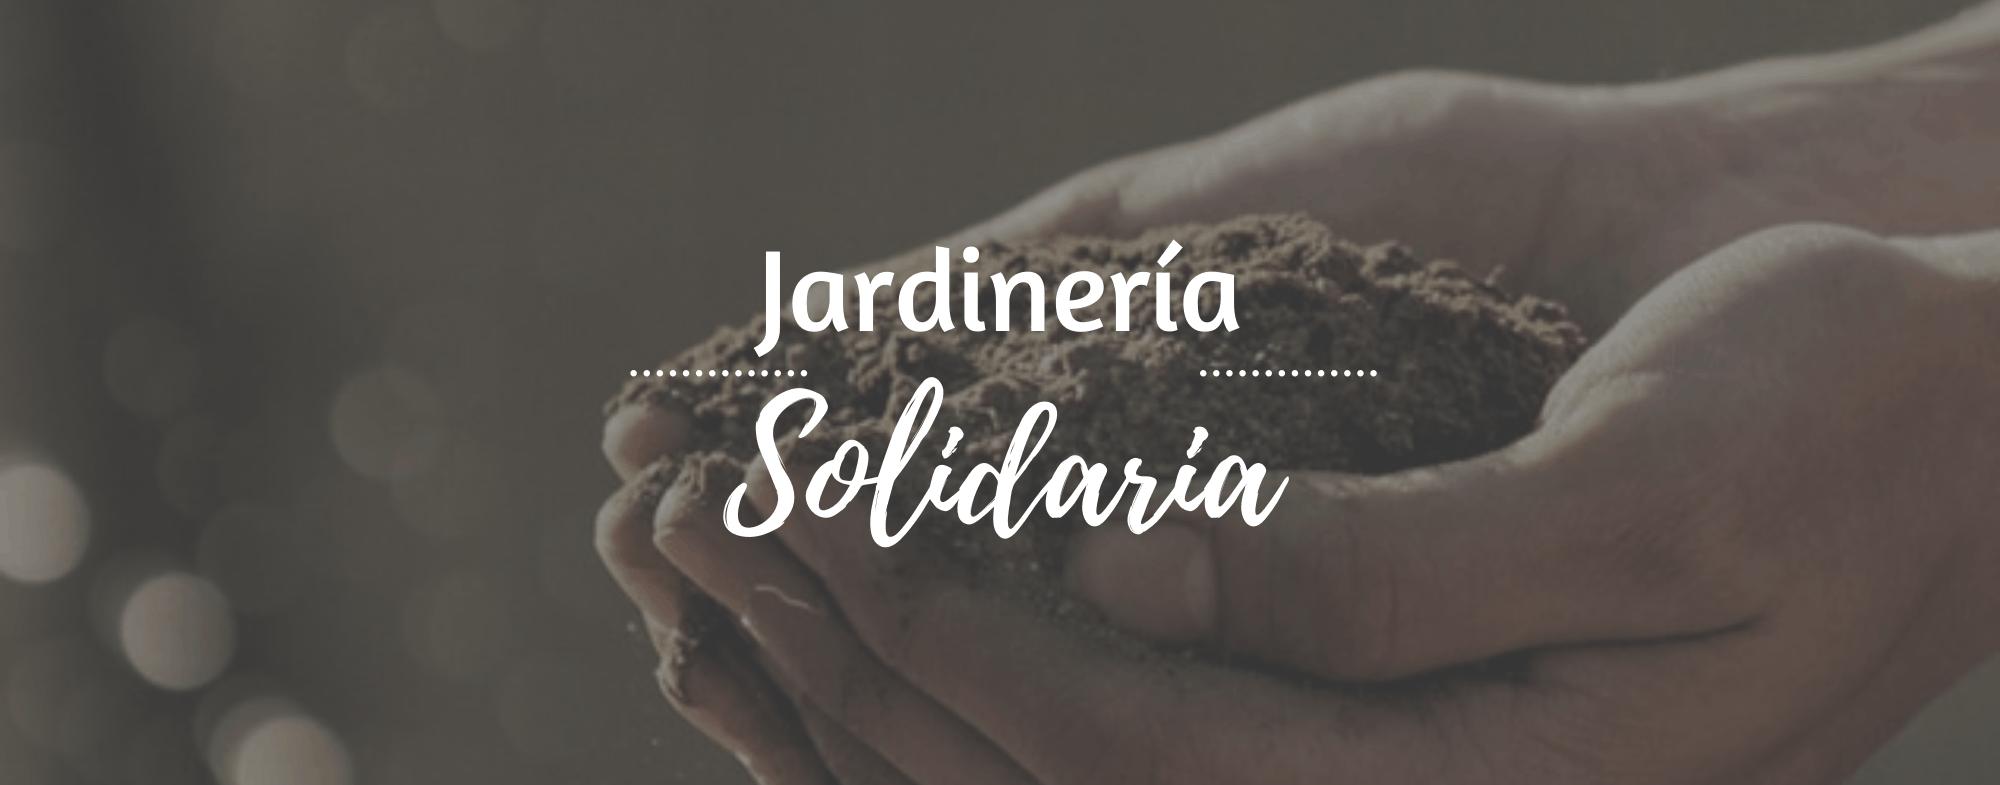 team-building-jardineria-solidaria-1